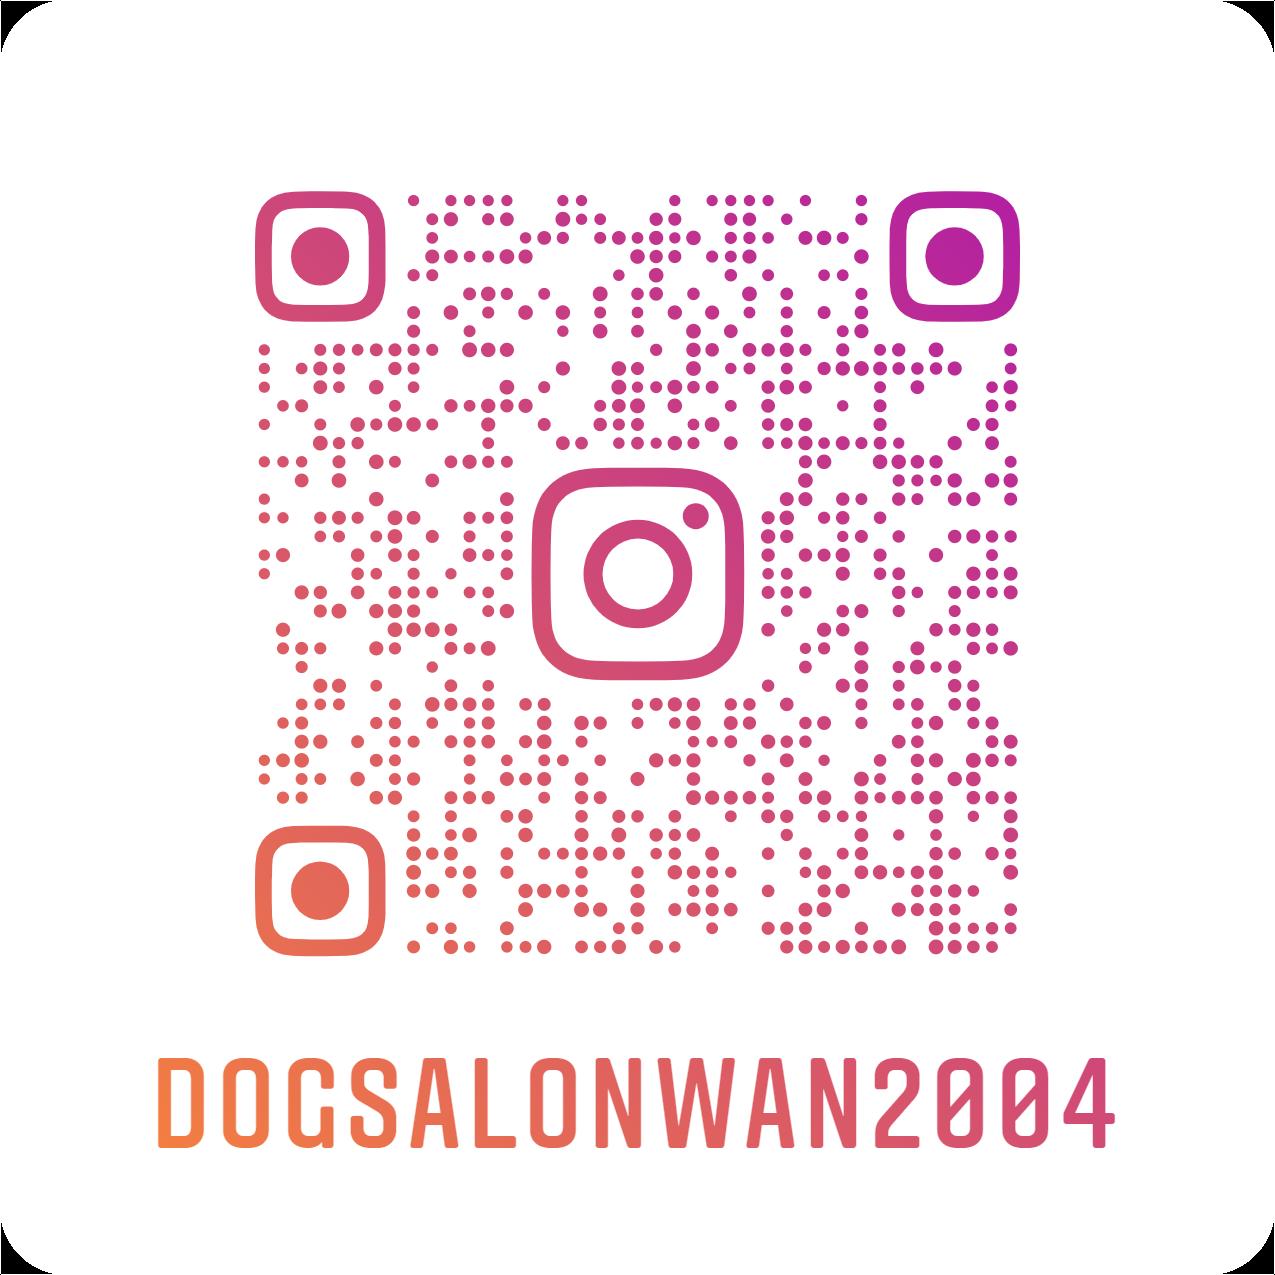 dogsalonwan2004_nametag_20210731095338080.png